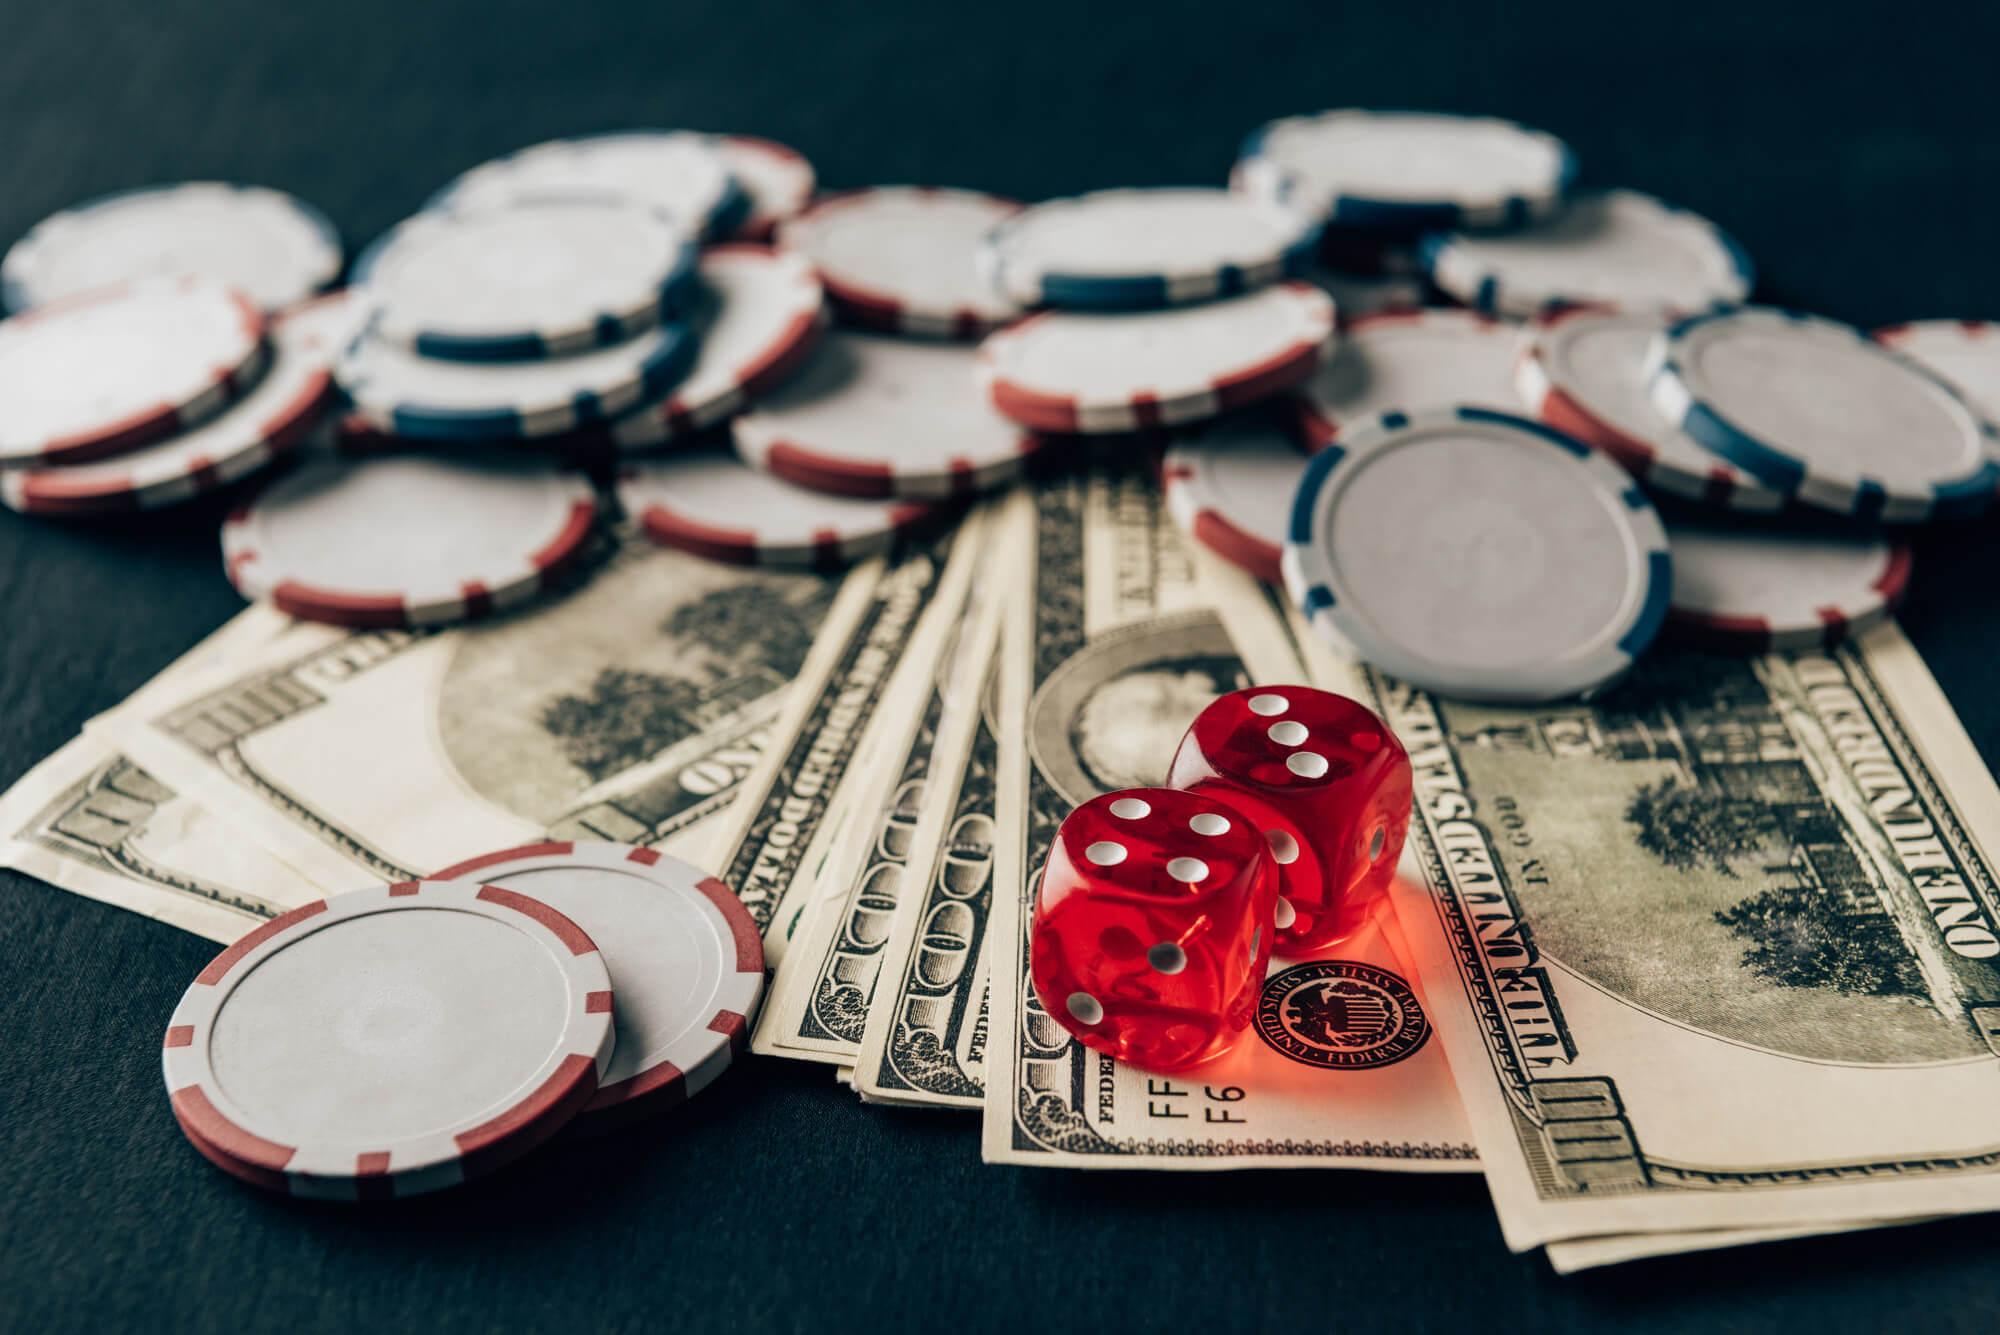 spektakulärsten Casinoüberfälle